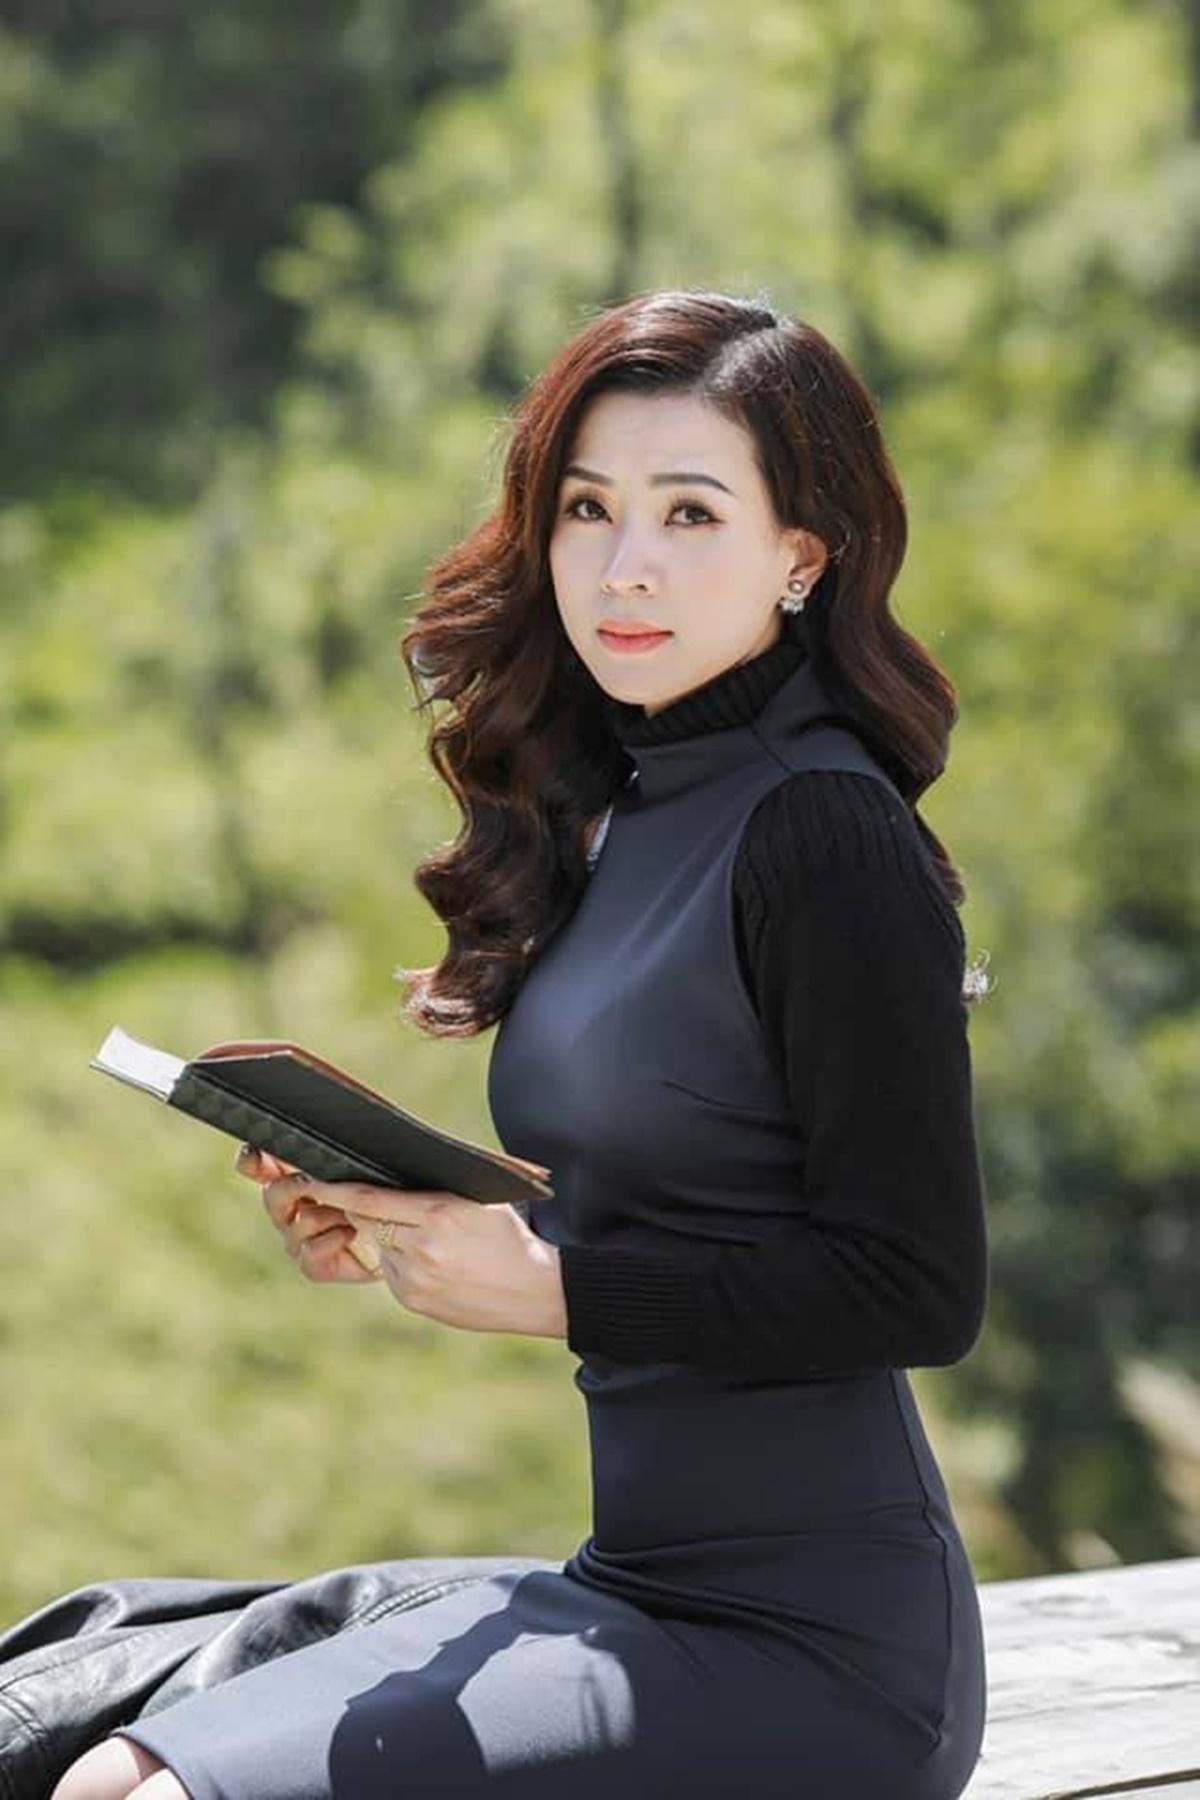 Làn da trắng, gương mặt cân đối giúp Thiên Hương mặc đẹp những gam màu trầm.